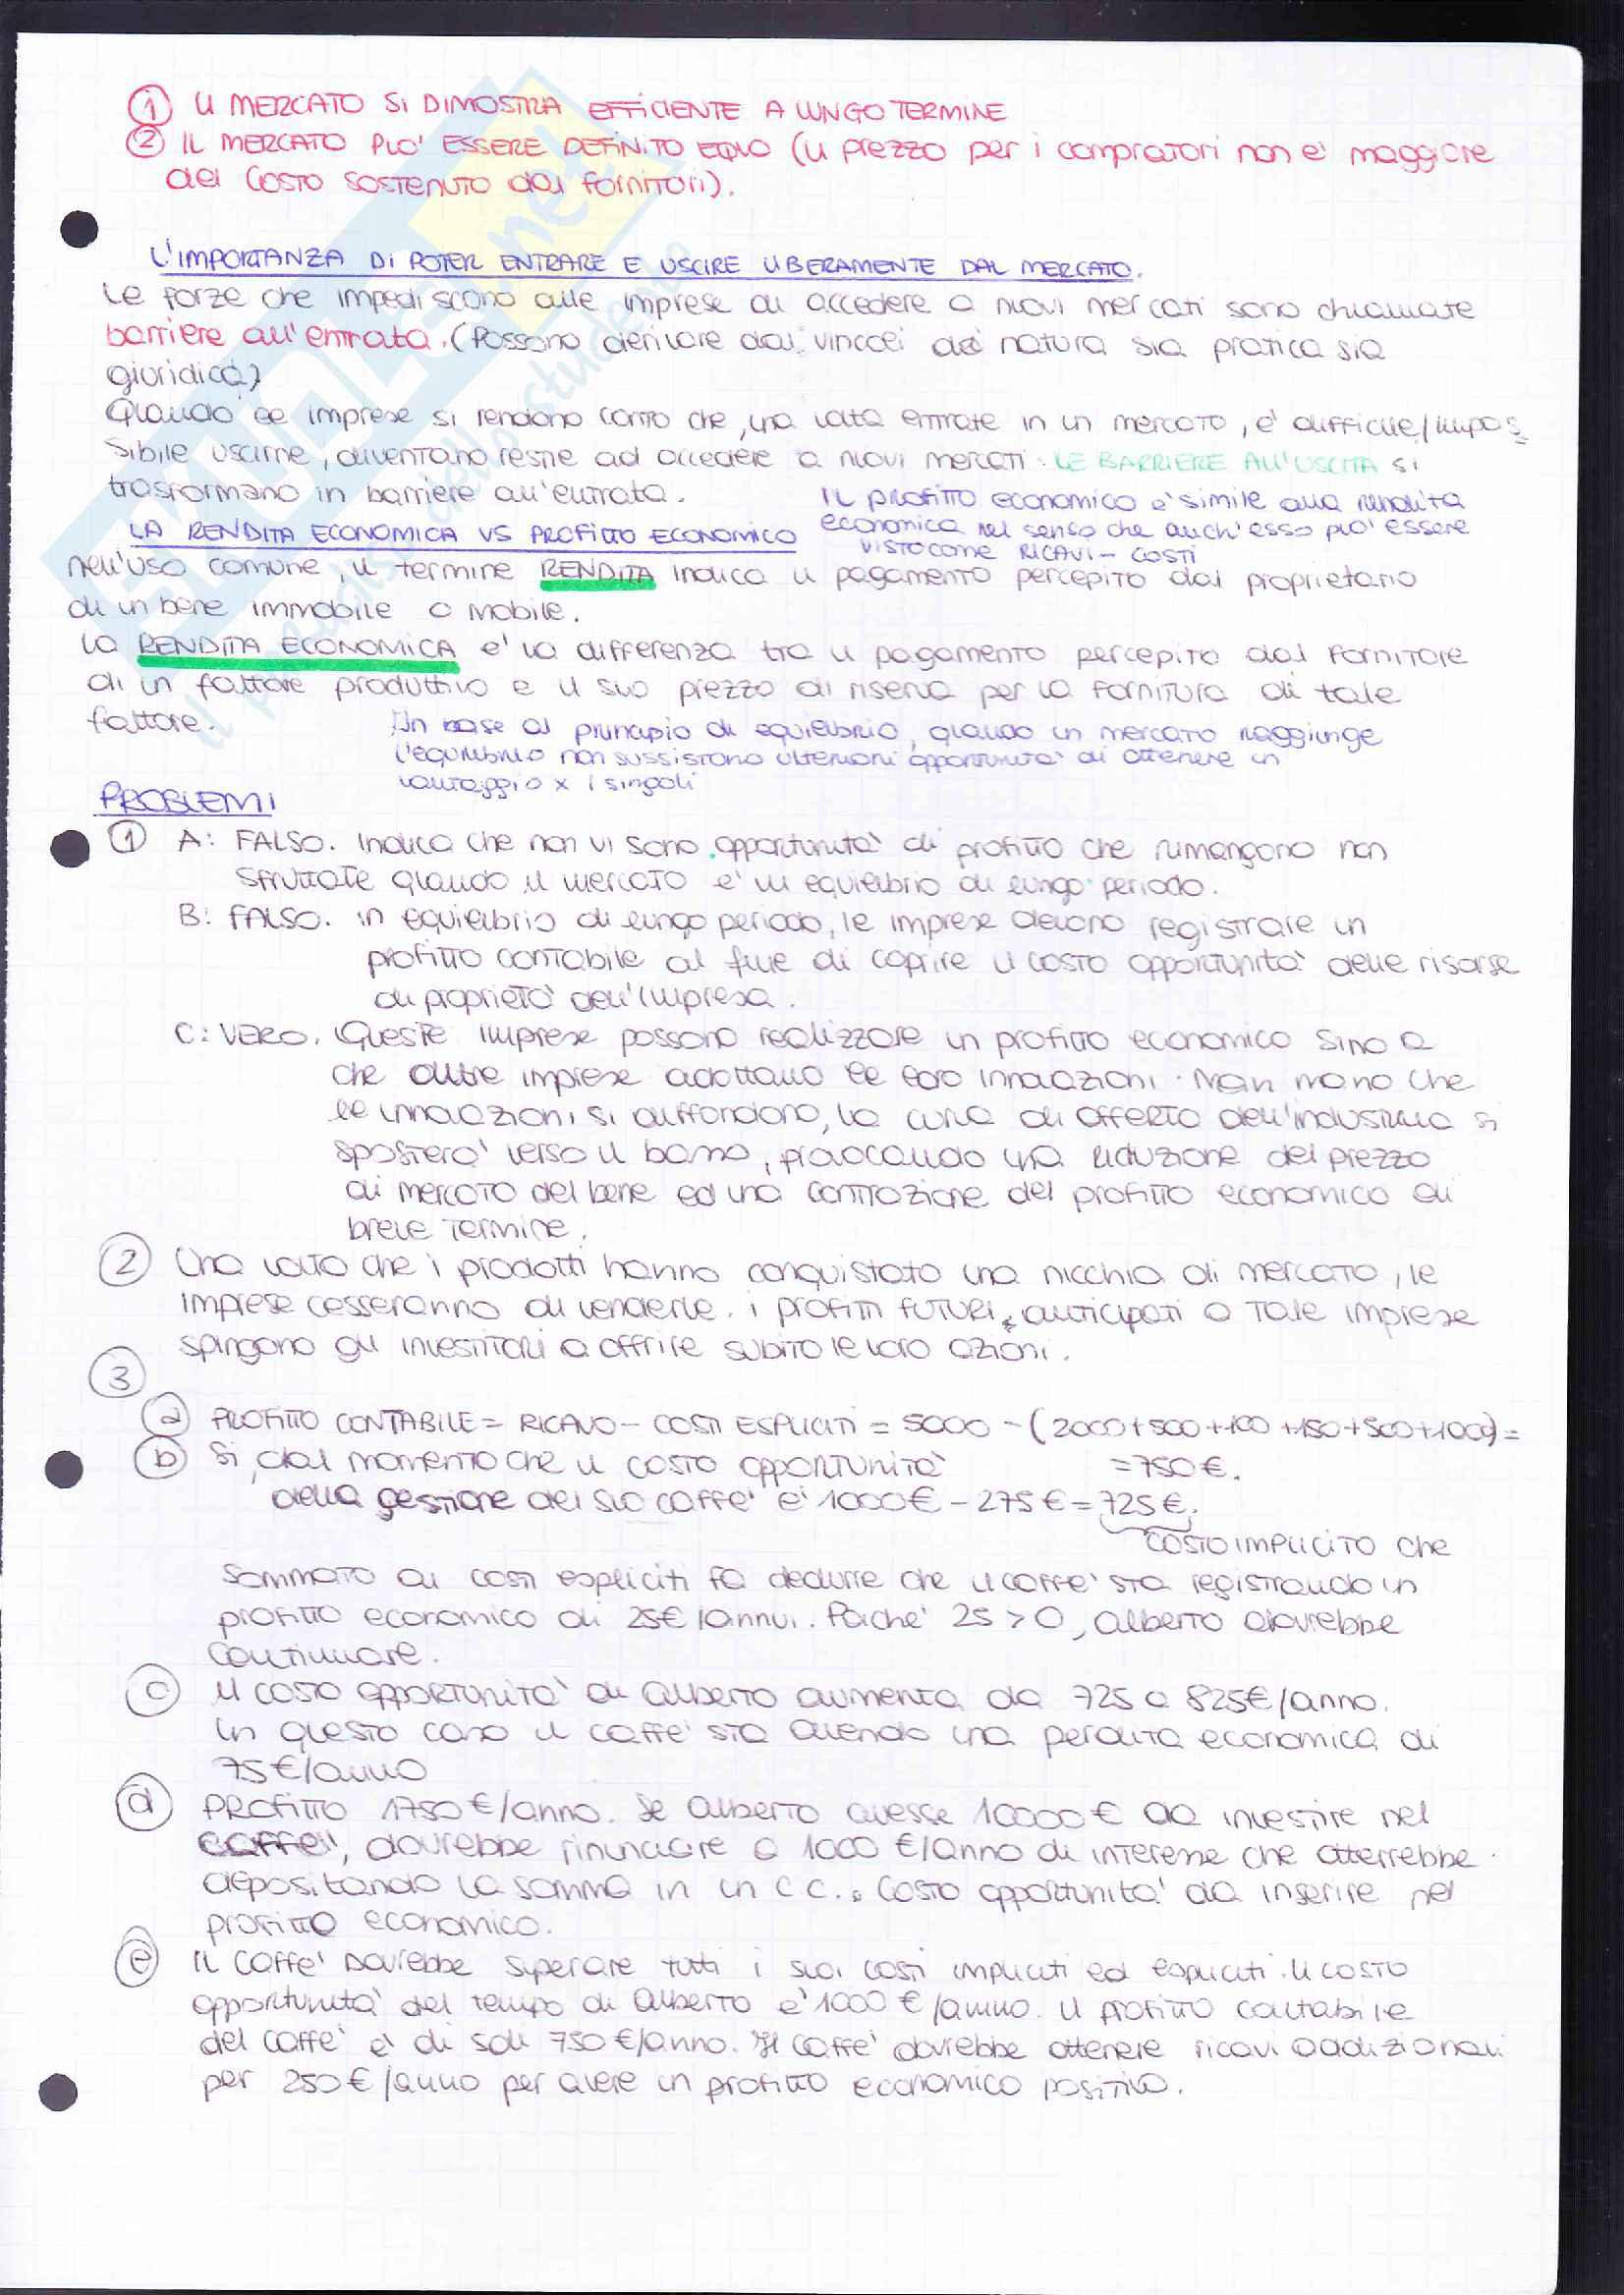 Riassunto esame Elementi di Economia-Microeconomia, prof. Resmini, libro consigliato Principi di economia 4/ed, Robert H. Frank, Ben S. Bernanke, Moore McDowell, Rodney Thom e Ivan Pastine Pag. 51